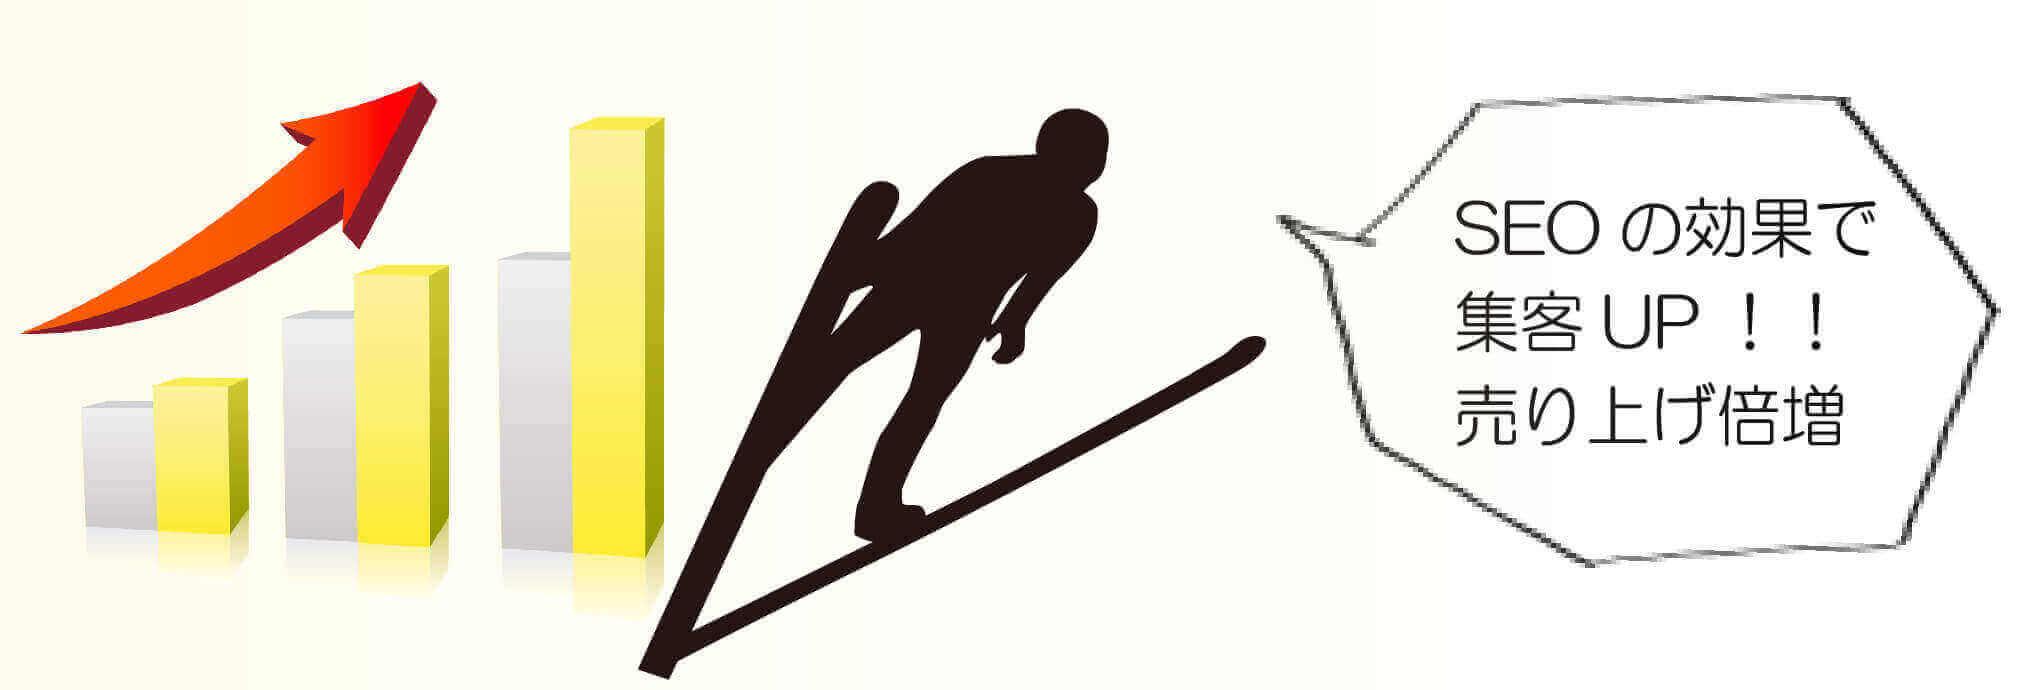 スキージャンプのシルエットと業績が伸びるグラフ